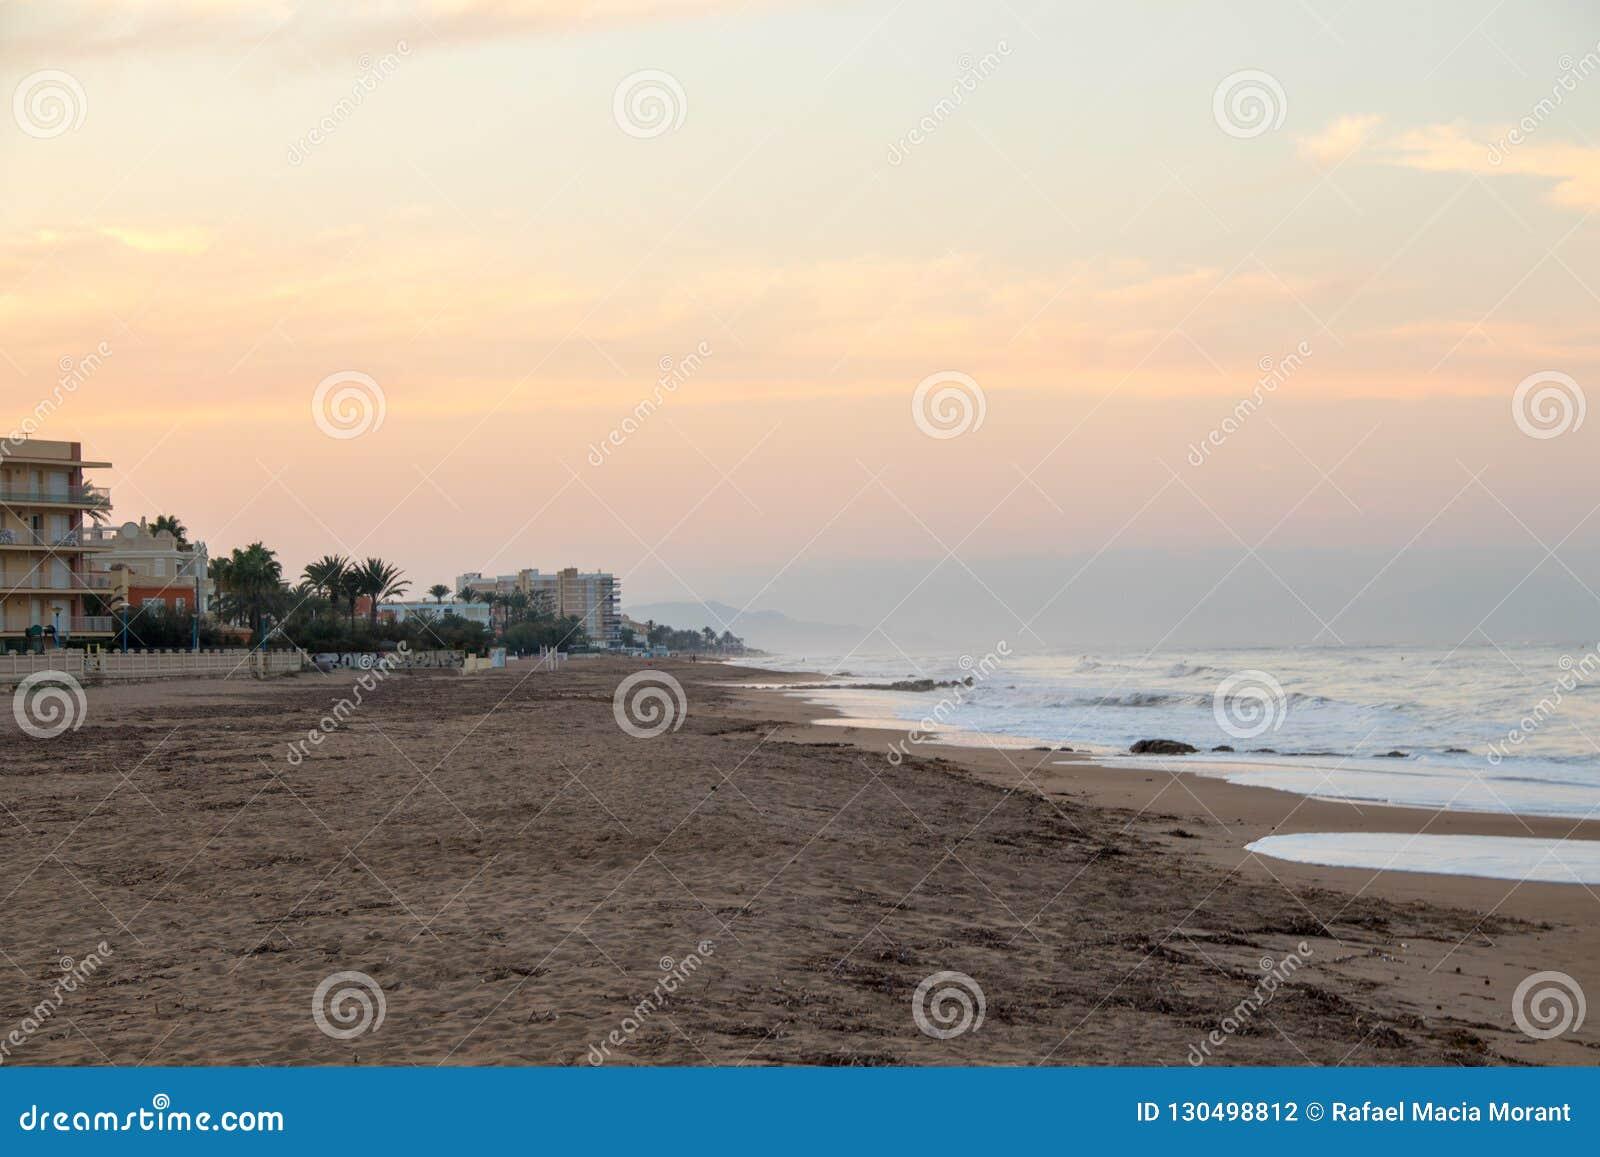 Sunset on a sandy beach after summer